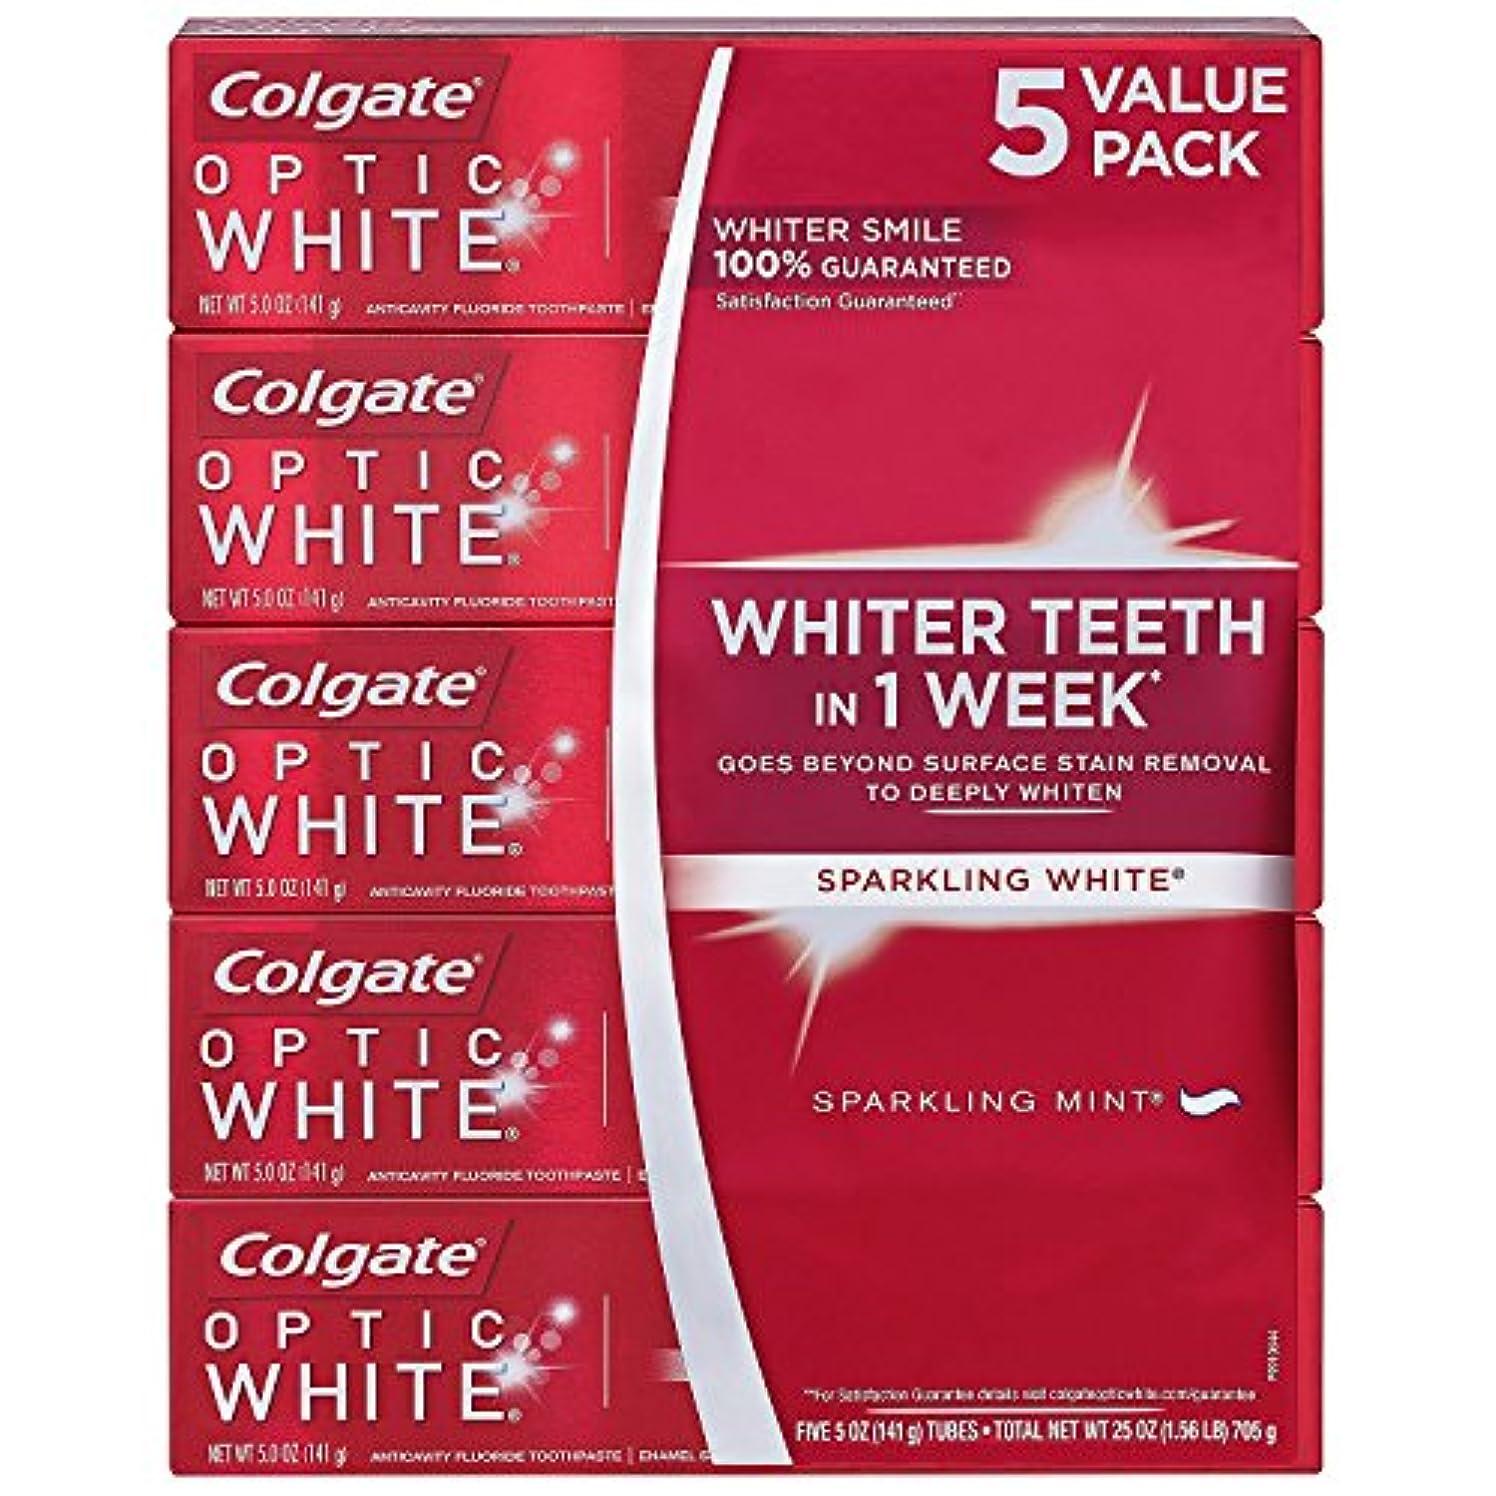 ペック現像難破船海外直送品 Colgate Optic White コルゲート オプティック ホワイト スパークリングミント141g ×5本 [Pack of 5]